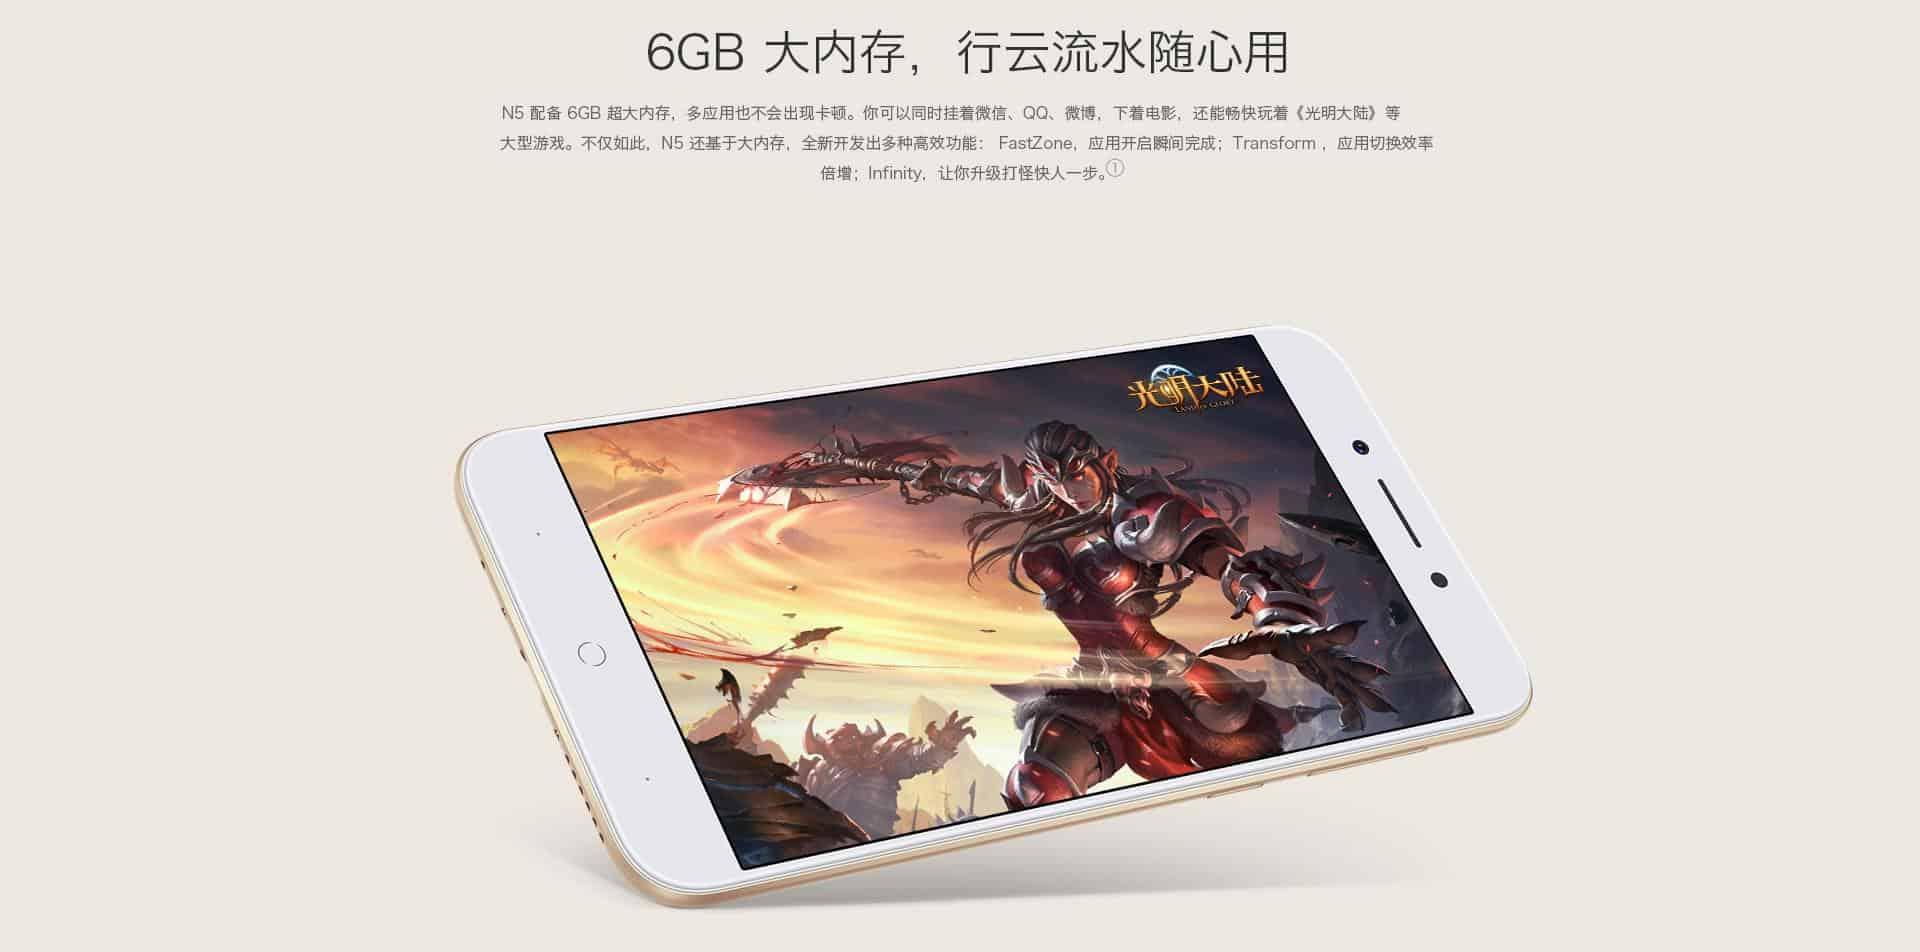 Qihoo 360 N5 KK 2